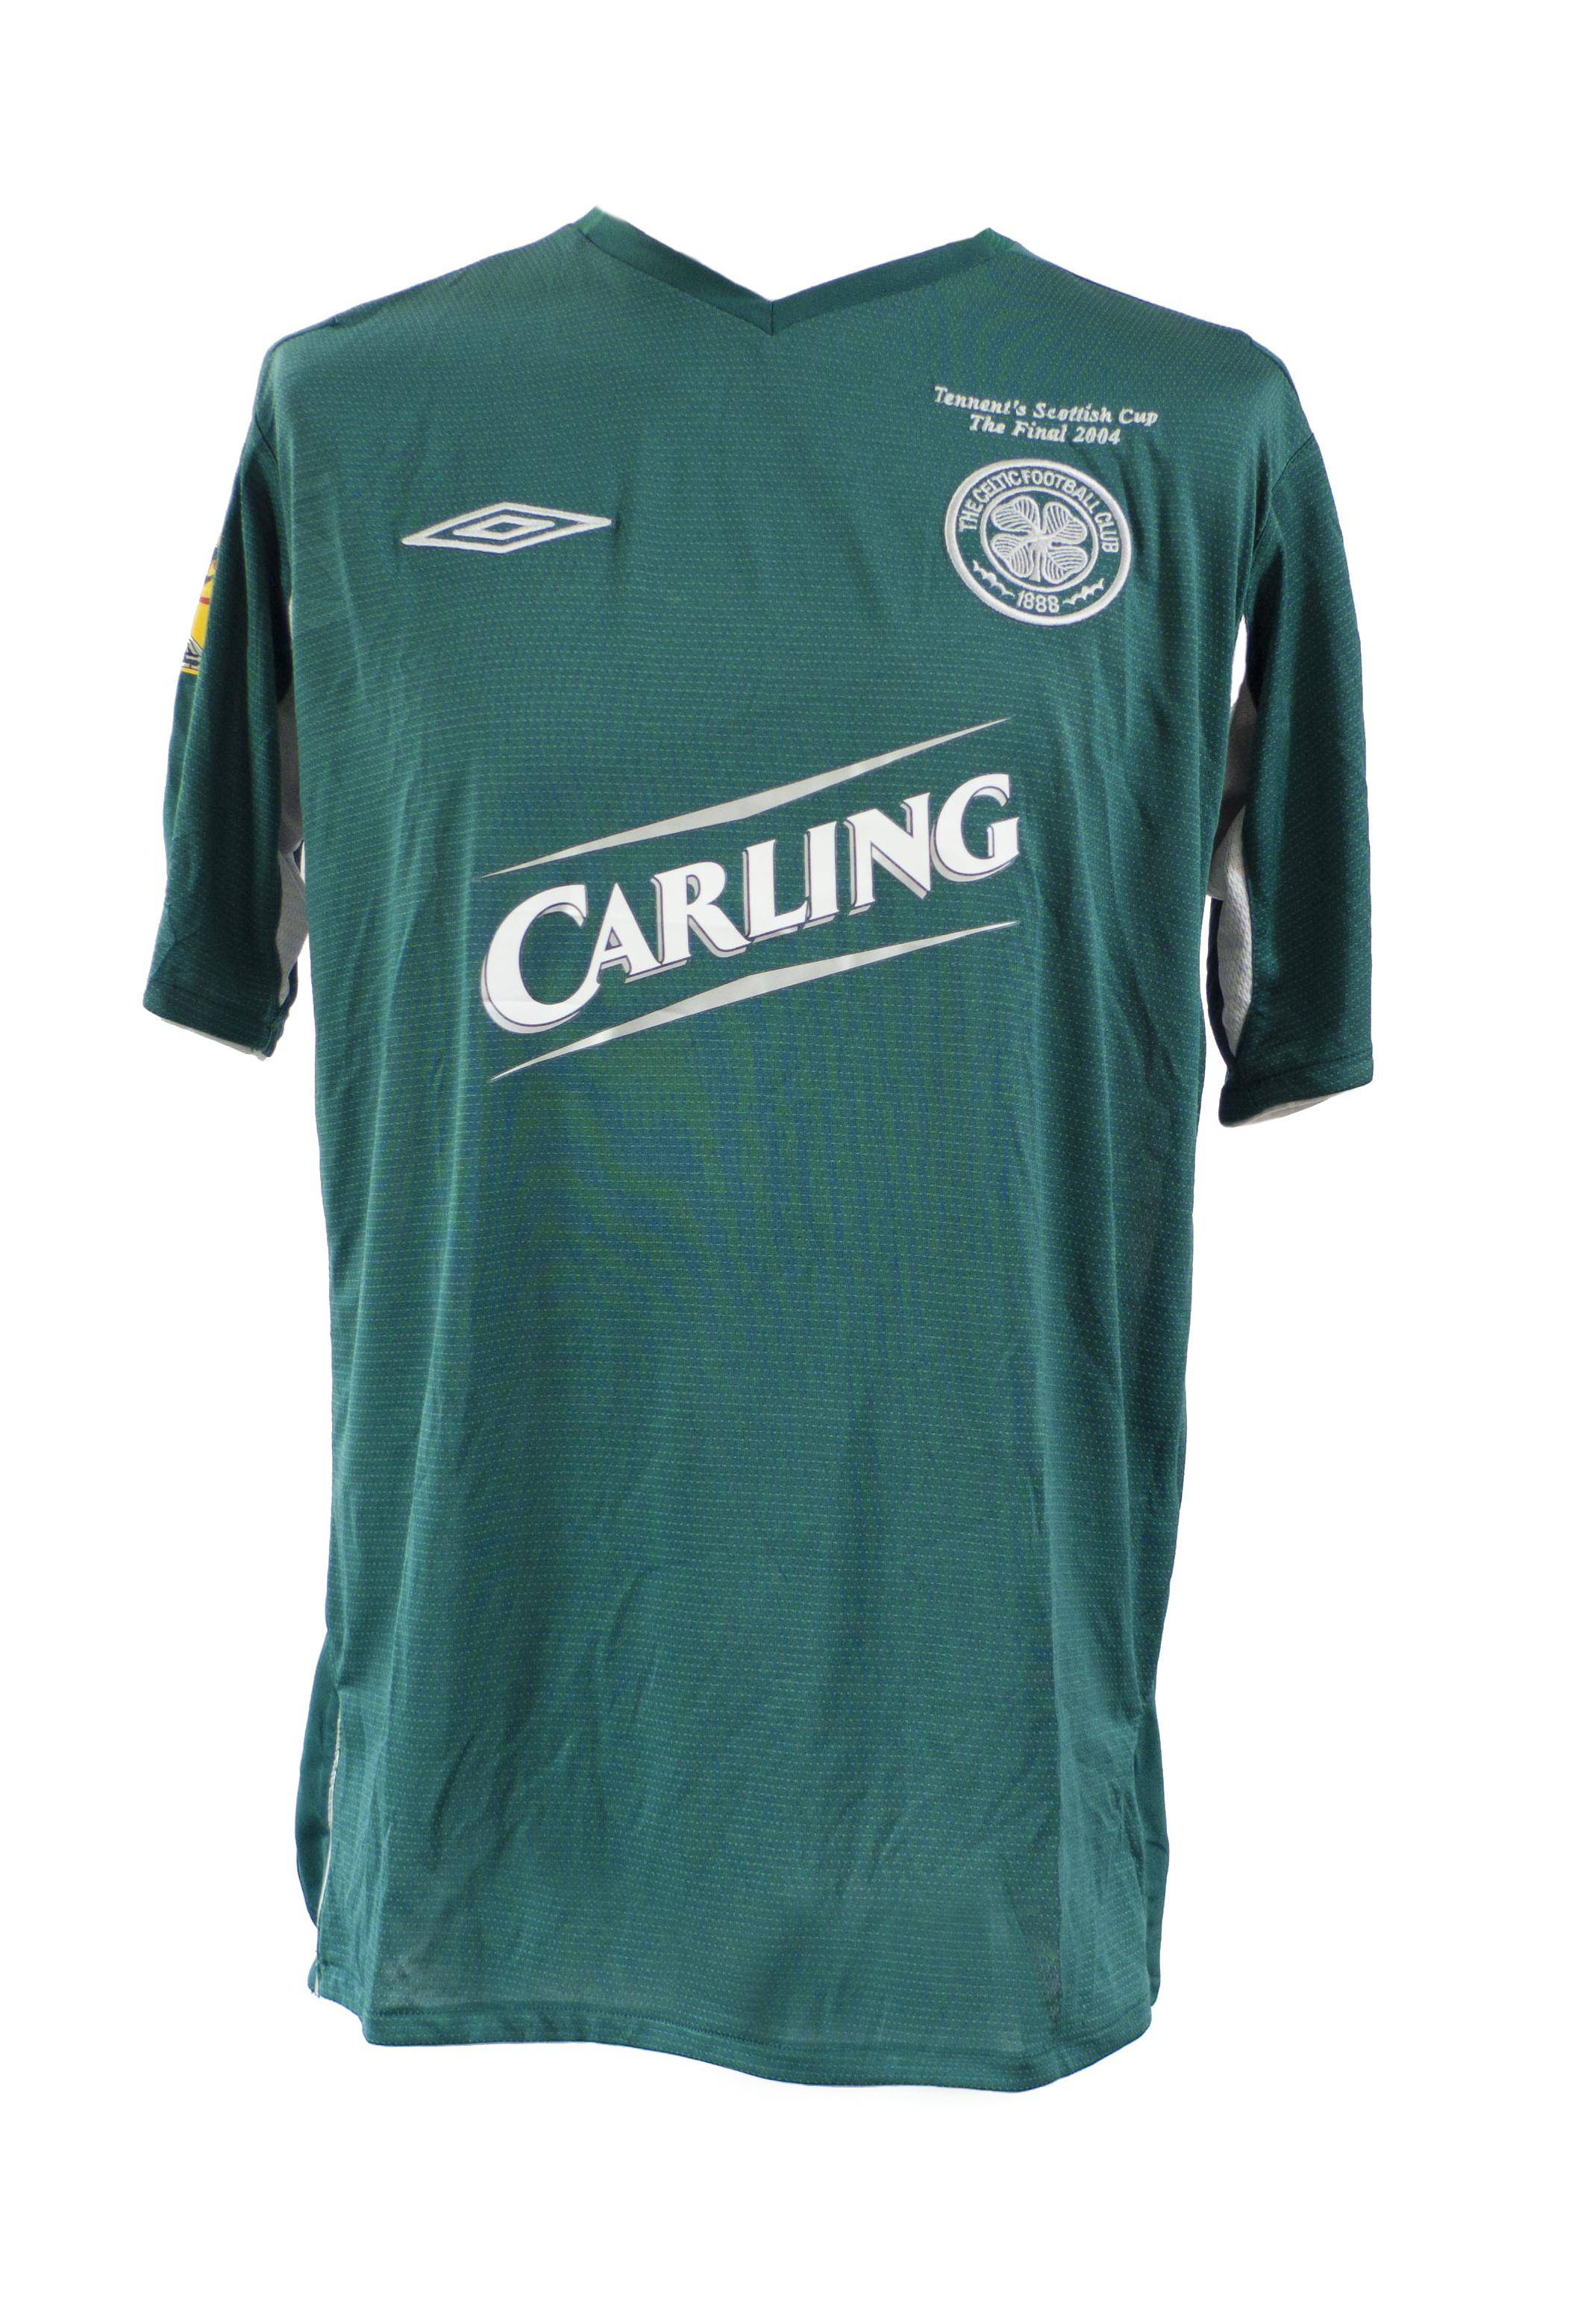 Neil Lennon - Scottish Cup Final 2004